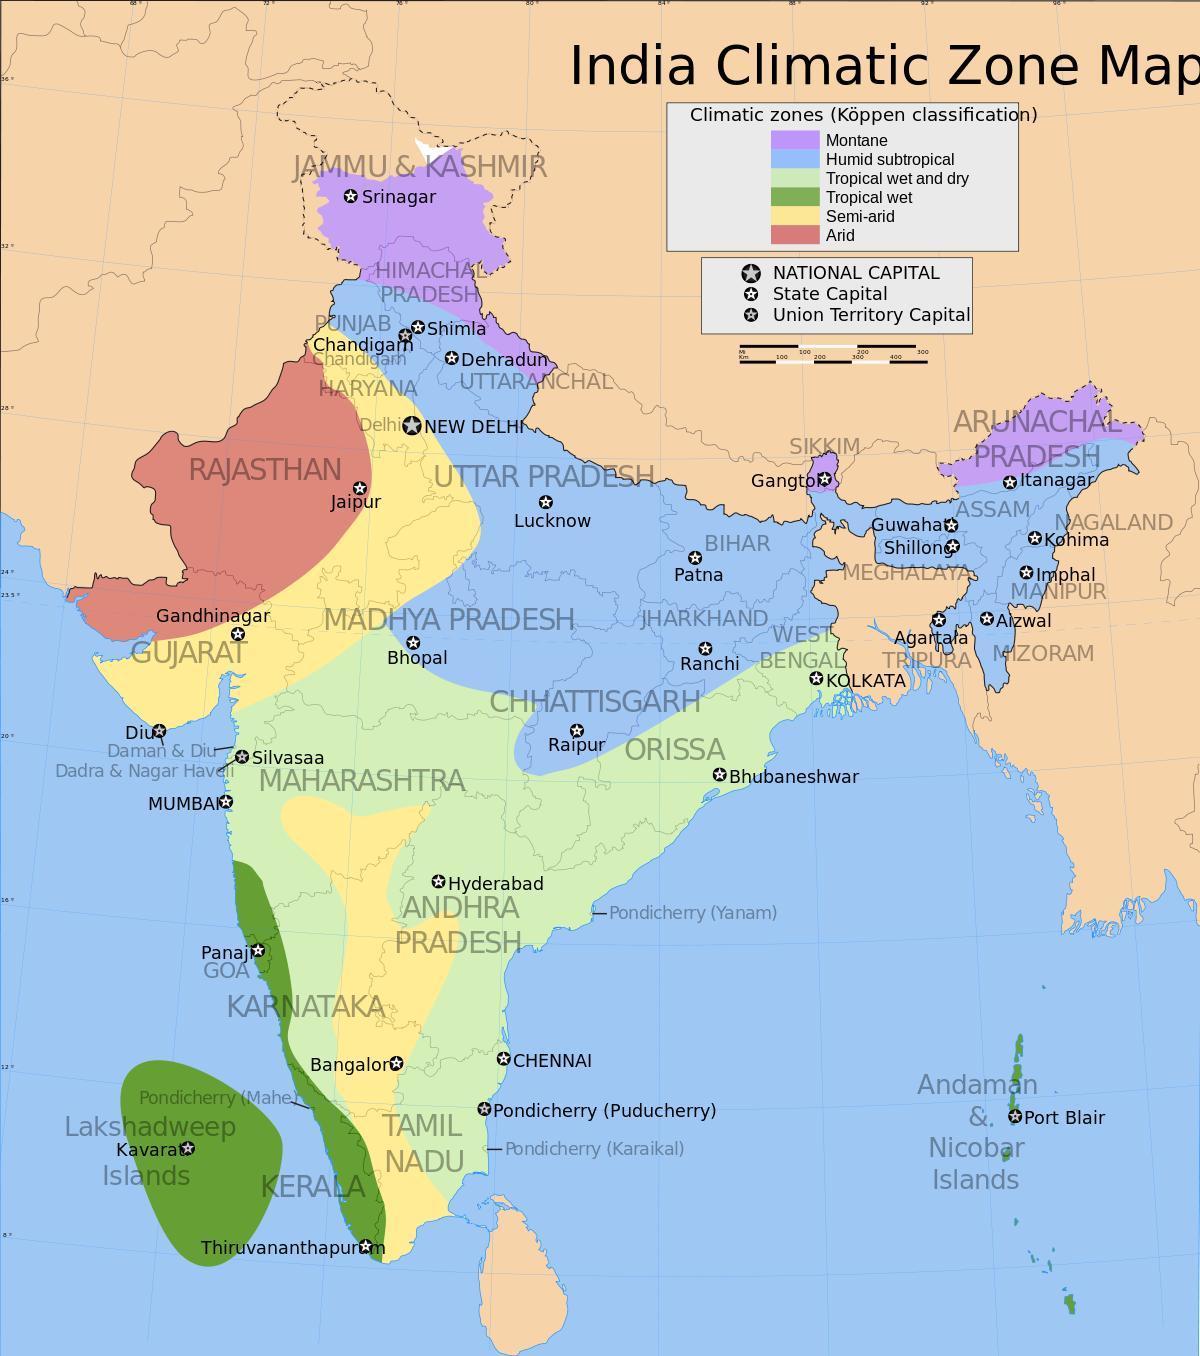 Südasien Karte.Wetter Indien Heute Mit Karte Wetter Karte Des Heutigen Indien